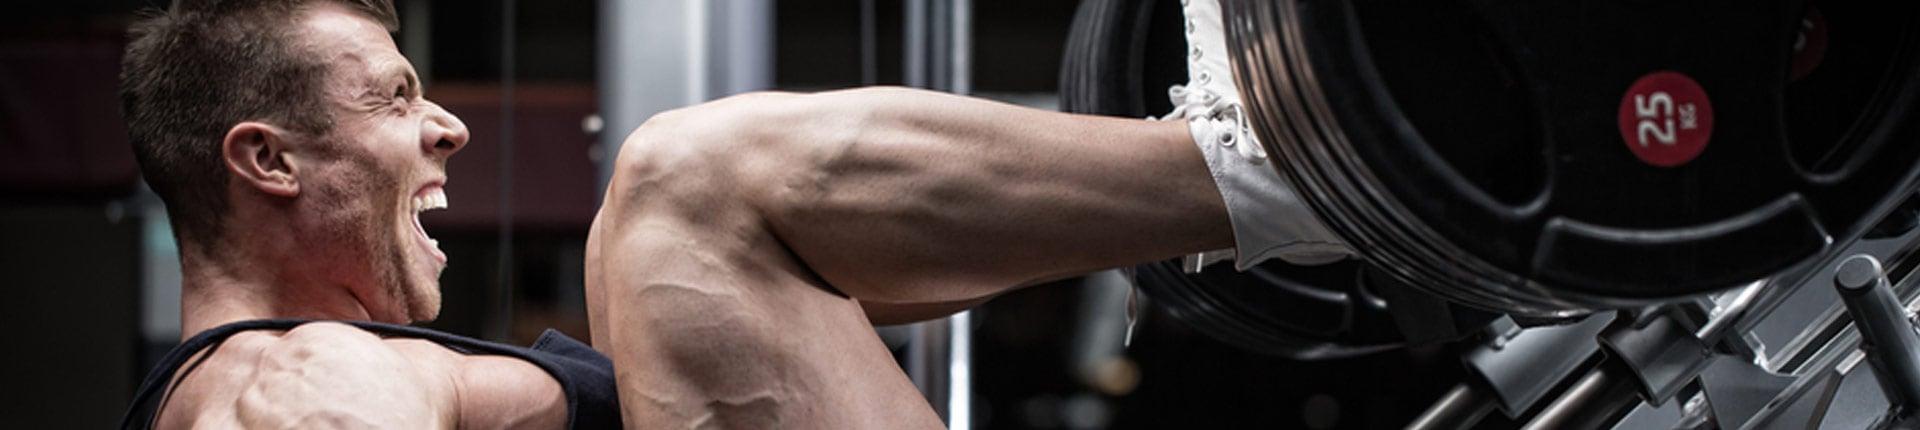 Jak trenować nogi? Trening nóg - zasady